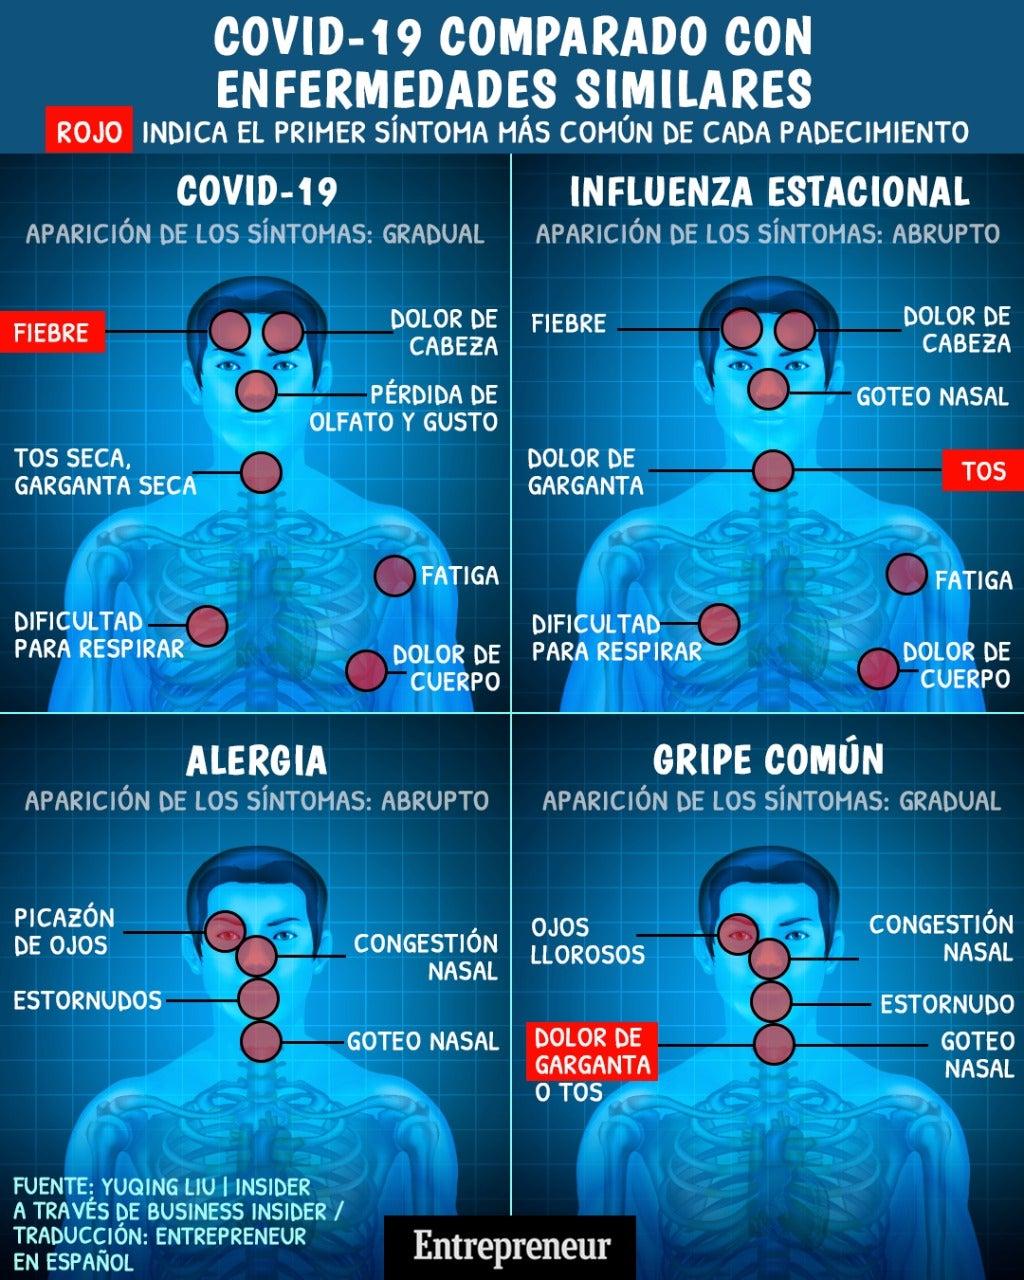 Diferencias Entre Los Sintomas Del Coronavirus Vs La Gripe Alergias Y Resfriado Comun Infografia